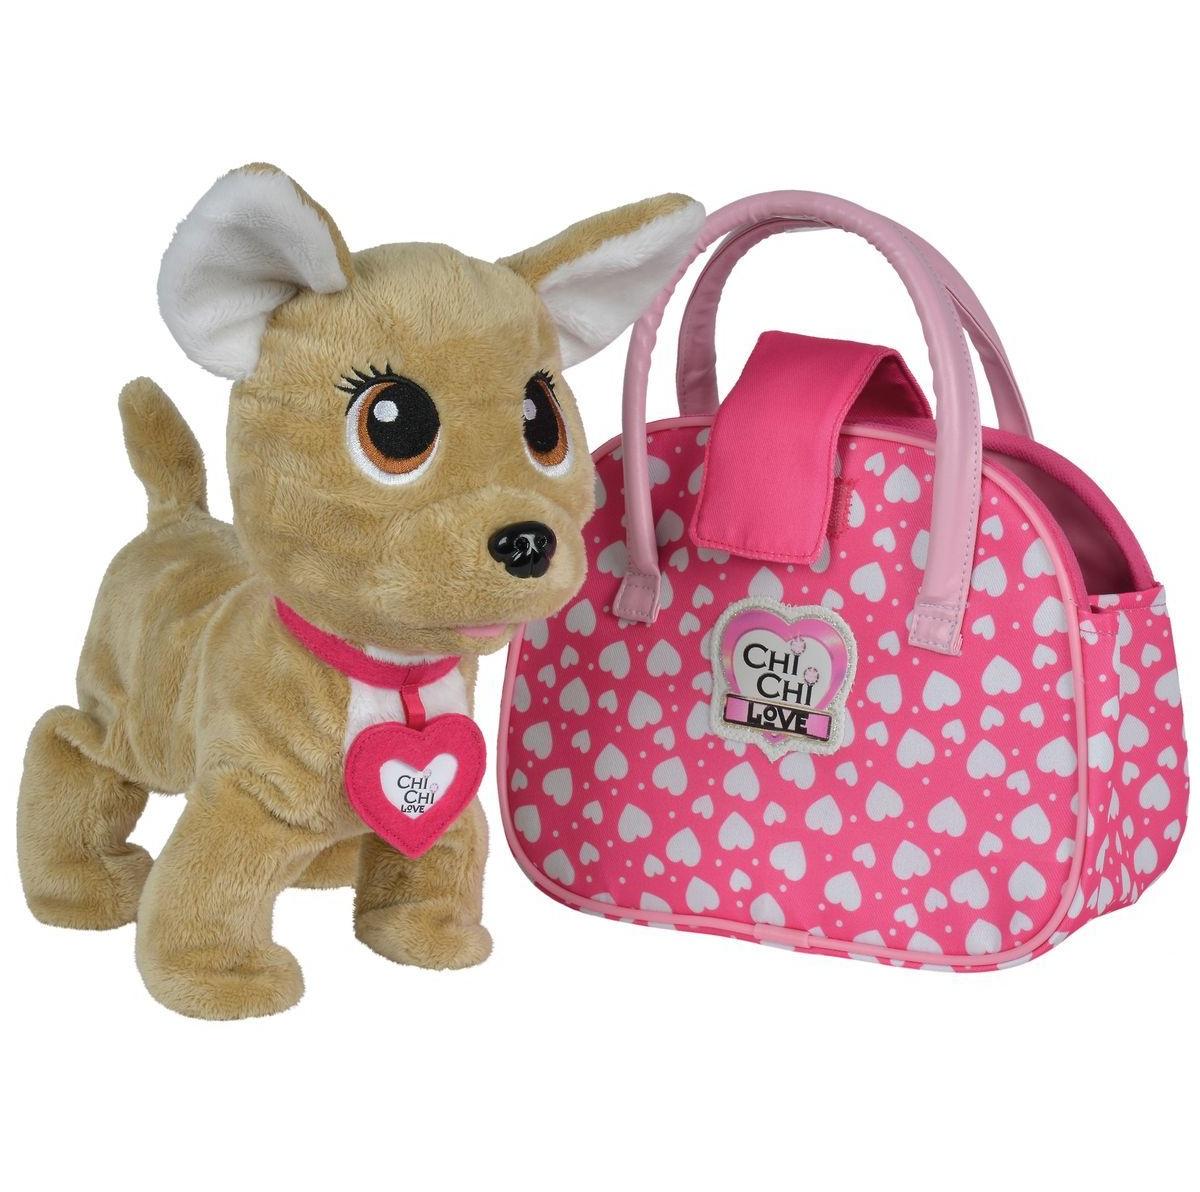 Интерактивная плюшевая собачка Chi-Chi love - Счастливчик, с сумочкой, 20 см, звукChi Chi Love - cобачки в сумочке<br>Интерактивная плюшевая собачка Chi-Chi love - Счастливчик, с сумочкой, 20 см, звук<br>